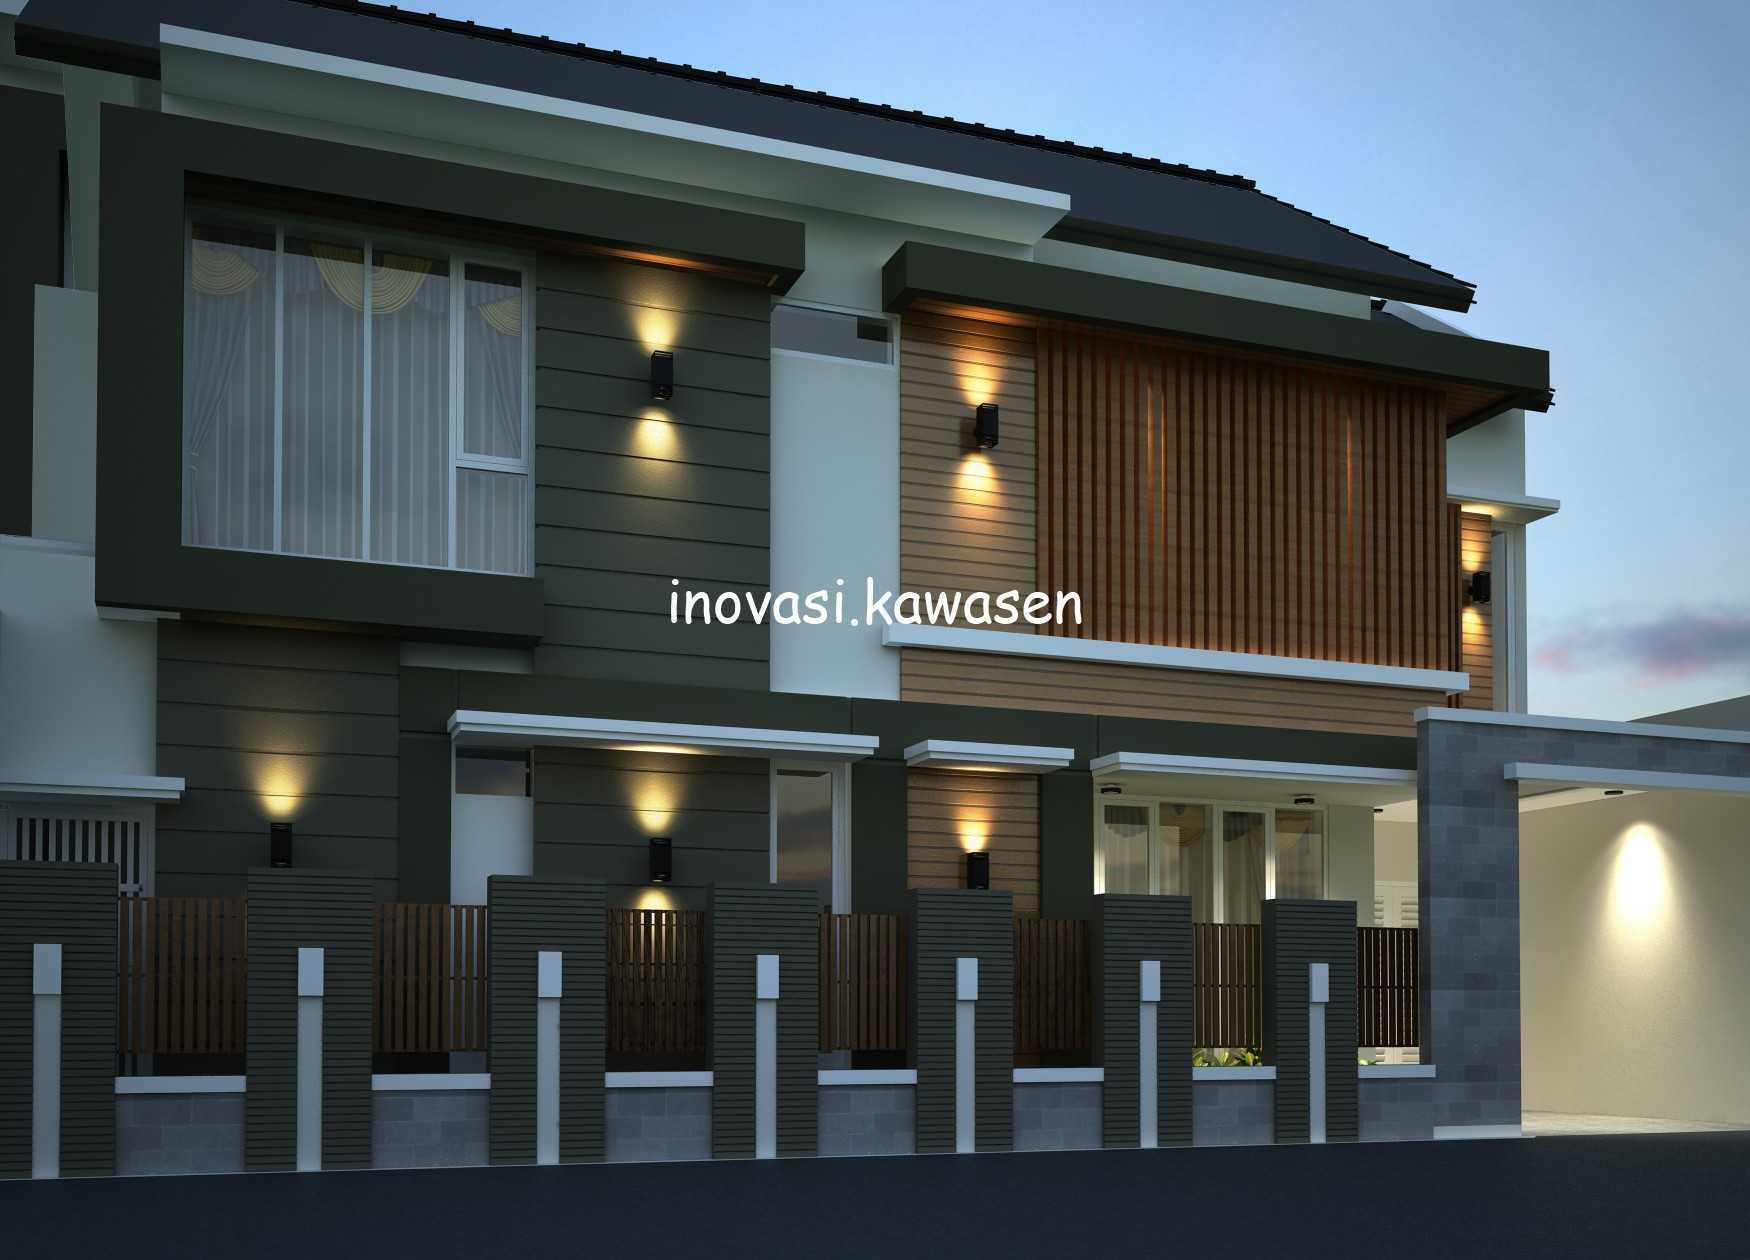 Inovasi Kawasen Rumah Tinggal Bpk.  Dimas Kota Bogor, Jawa Barat, Indonesia Kota Bogor, Jawa Barat, Indonesia Inovasi-Kawasen-Rumah-Tinggal-Bpk-Dimas  89823